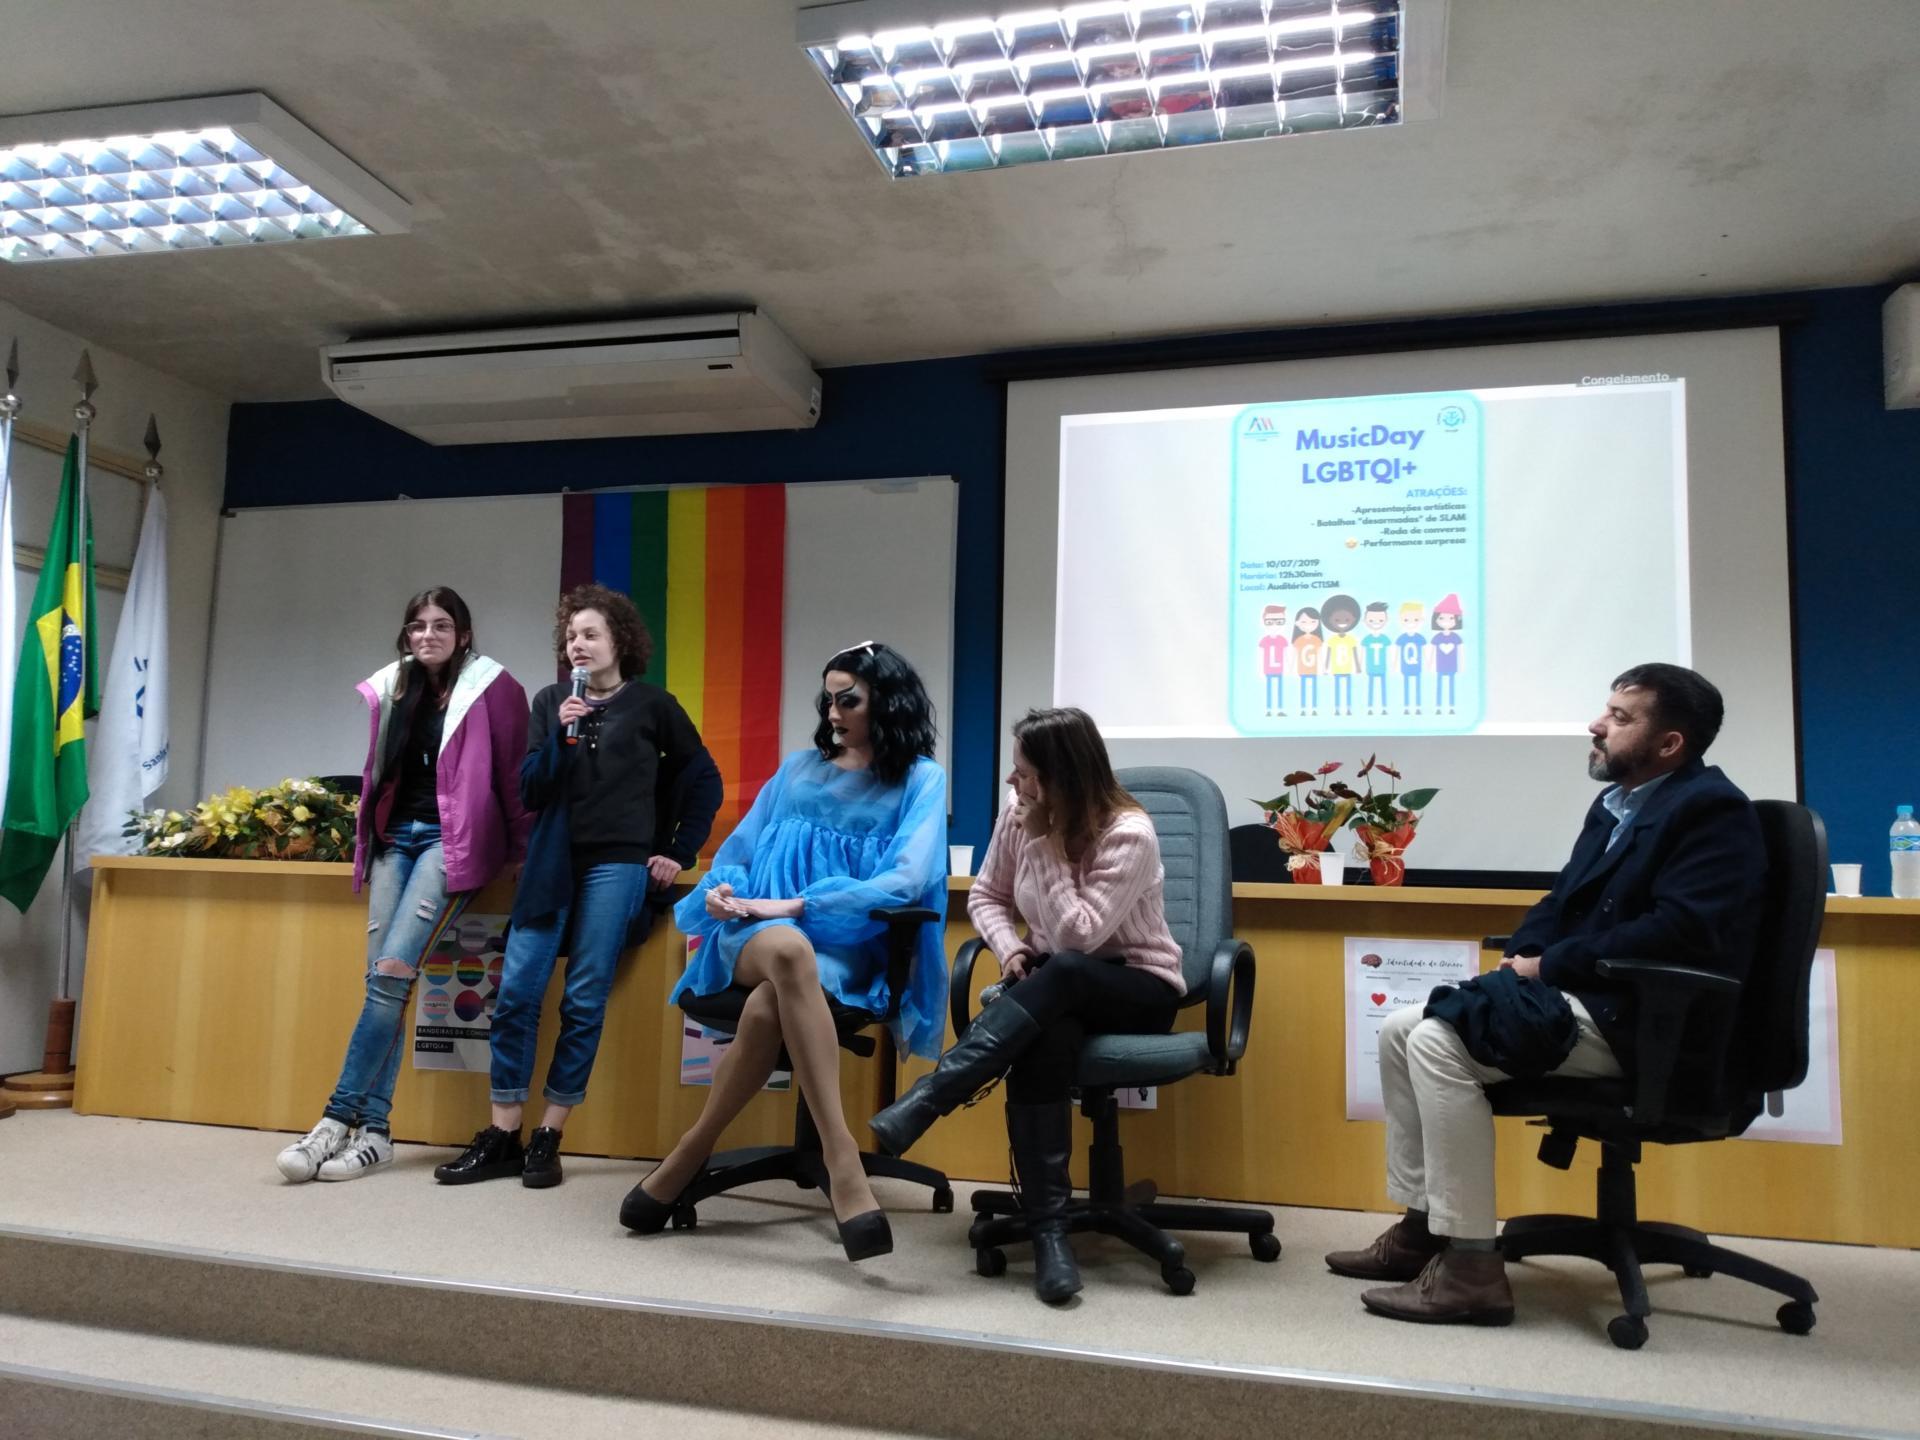 Foto colorida horizontal mostra cinco pessoas no palco do auditório, três sentadas e duas em pé, falando ao público